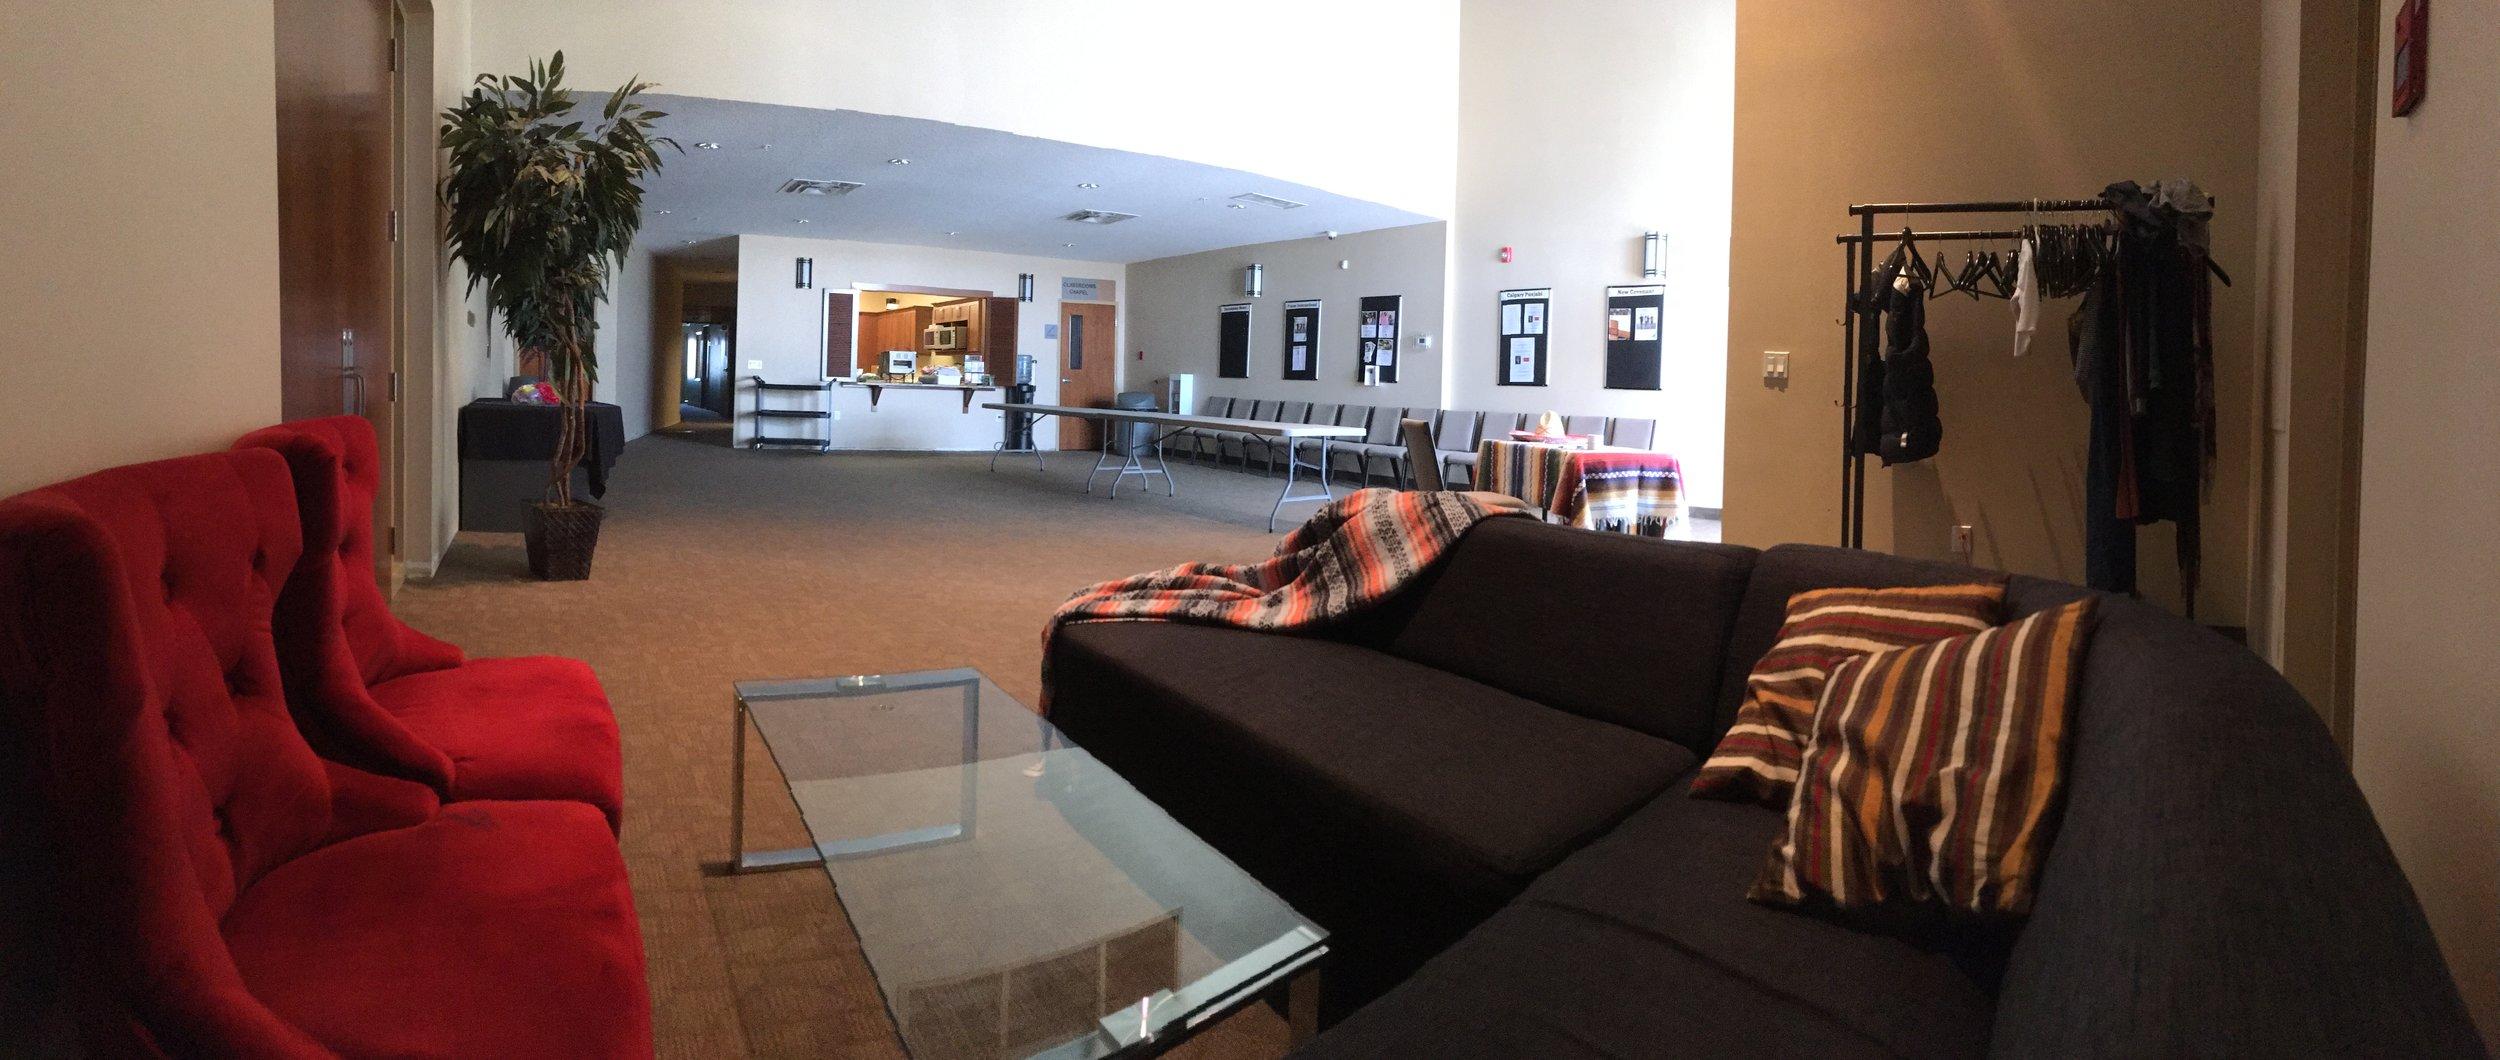 Foyer - View 3.JPG